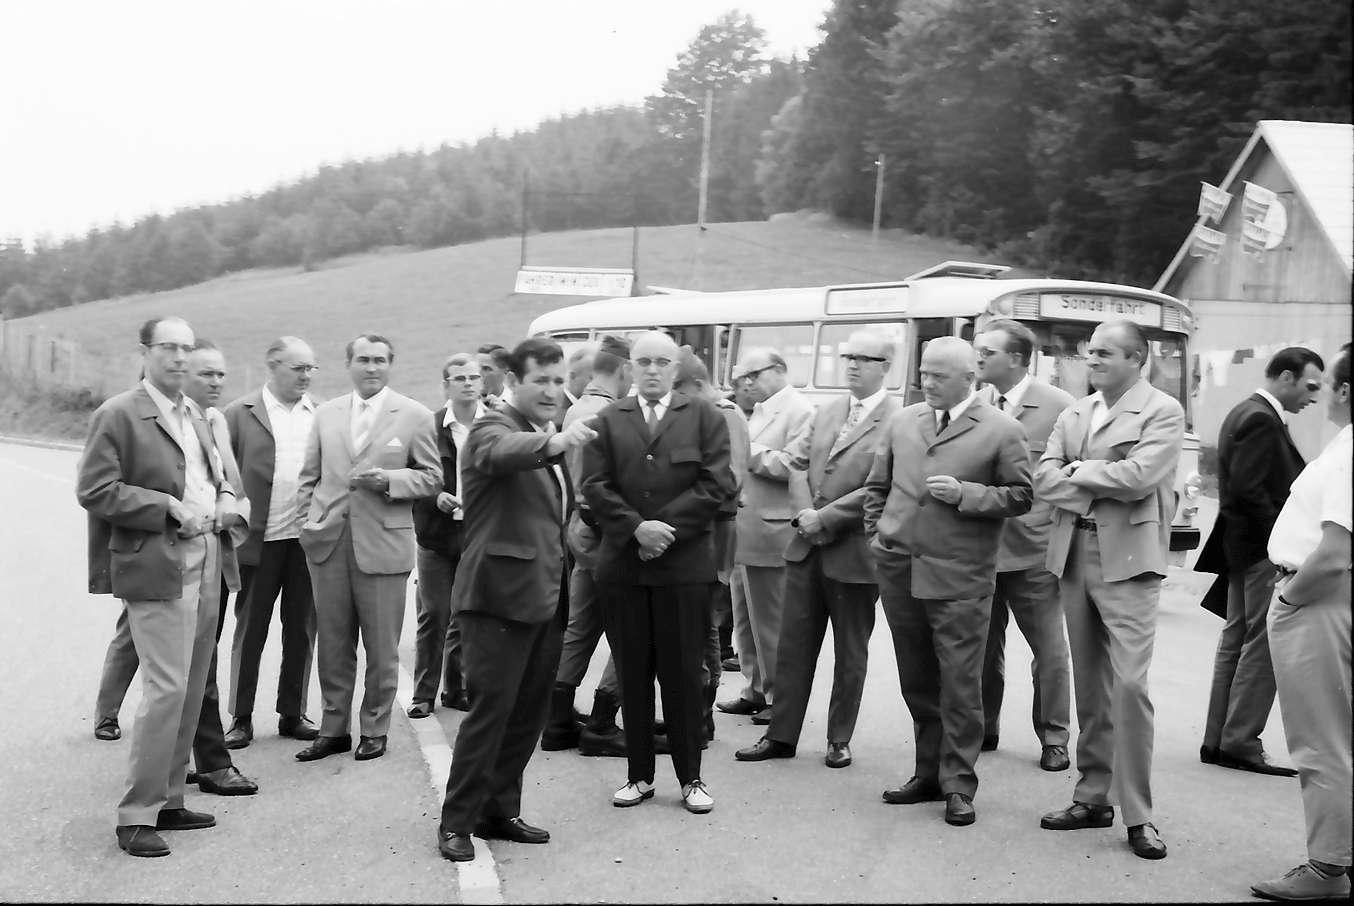 Glottertal: Adler; Landespressekonferenz mit Innenminister W. Krause, anlässlich der Zusammenführung von vier Gemeinden; Gruppe vor dem Gasthaus Adler, Bild 1